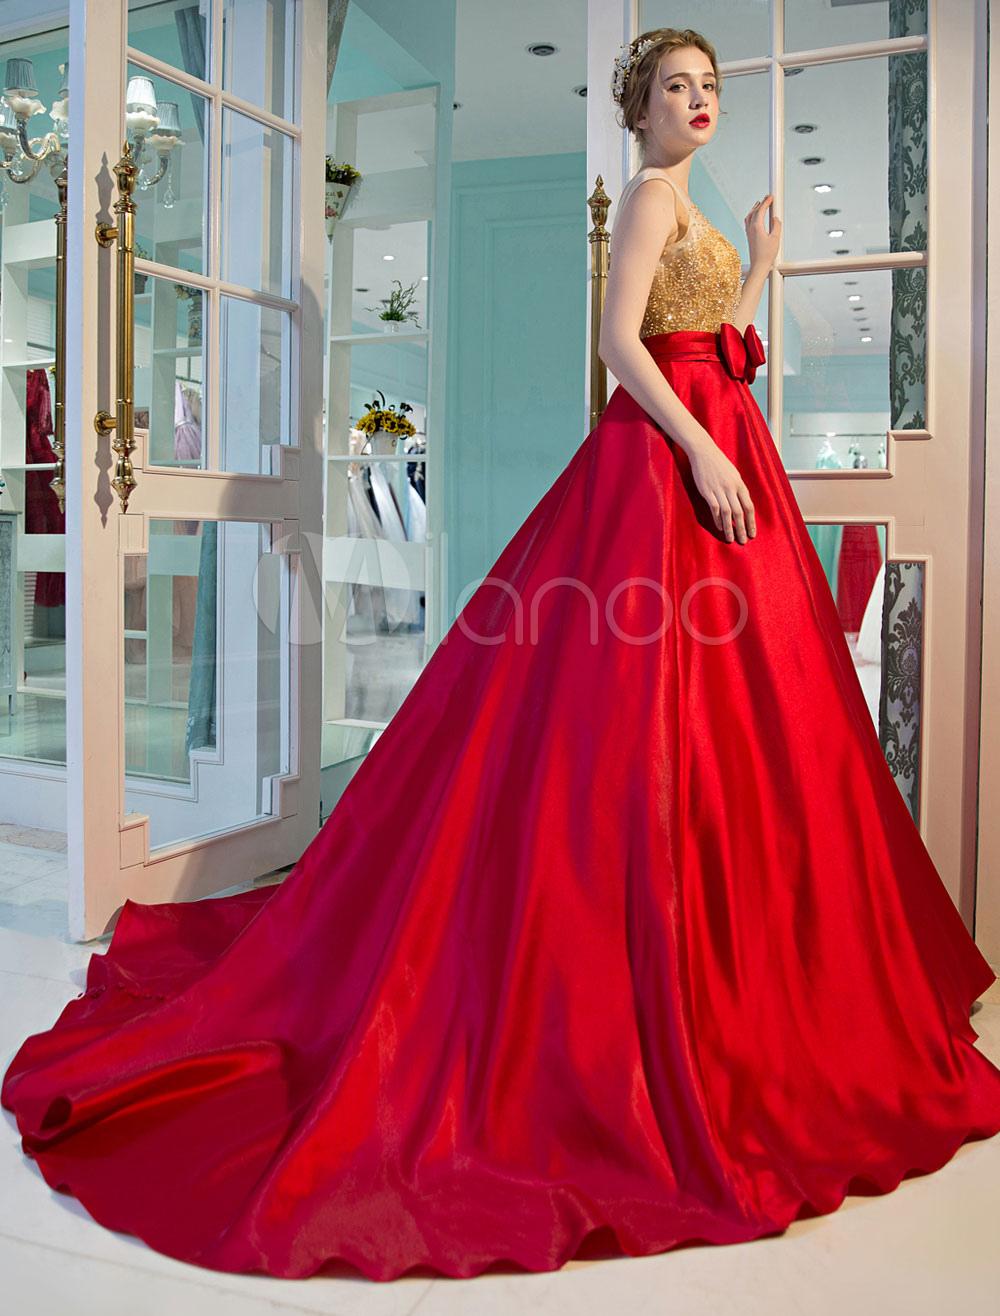 fce1d1dda1d8 ... Abiti di lusso diciottesimo con scollo tondo smanicato Mit Schleppe  vestito da ballo fiocchi di Lacci ...